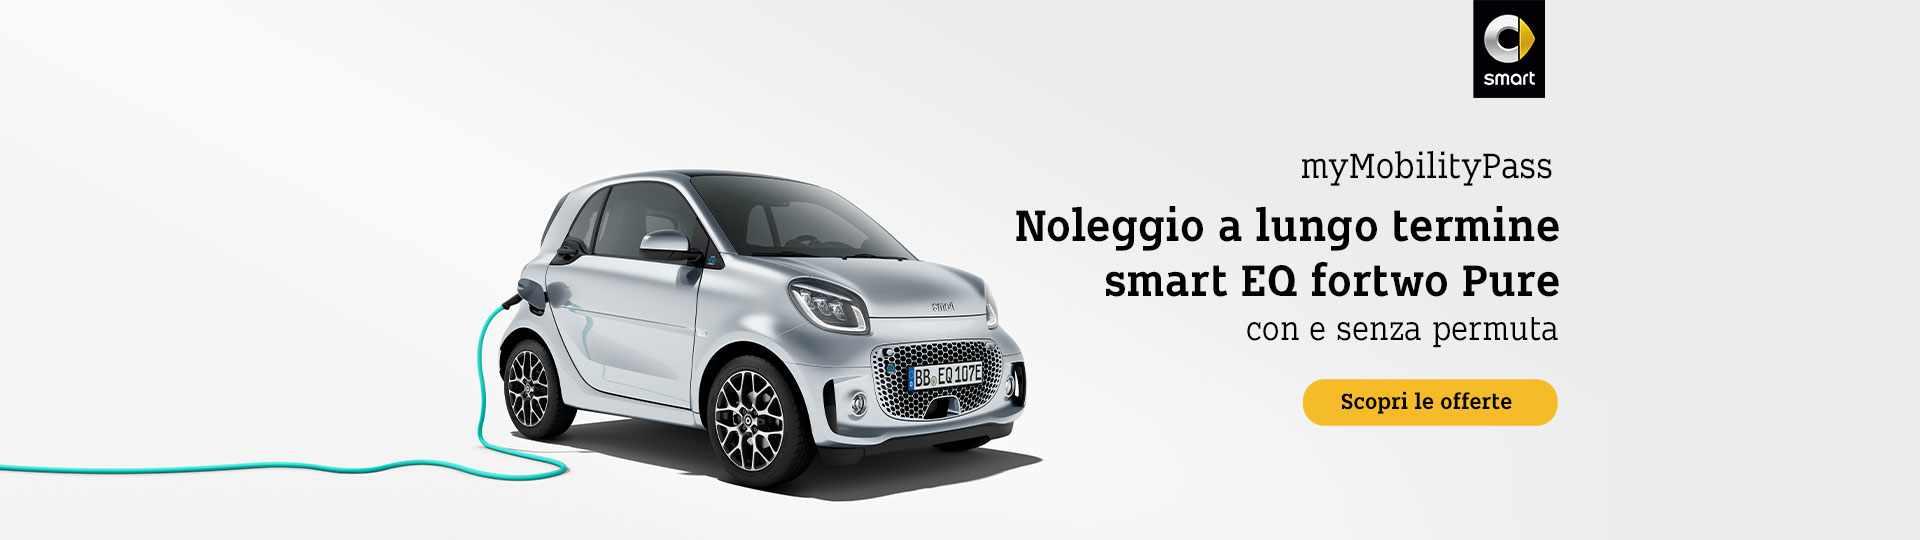 header_smart_noleggio_maggio_2021_v5.jpg